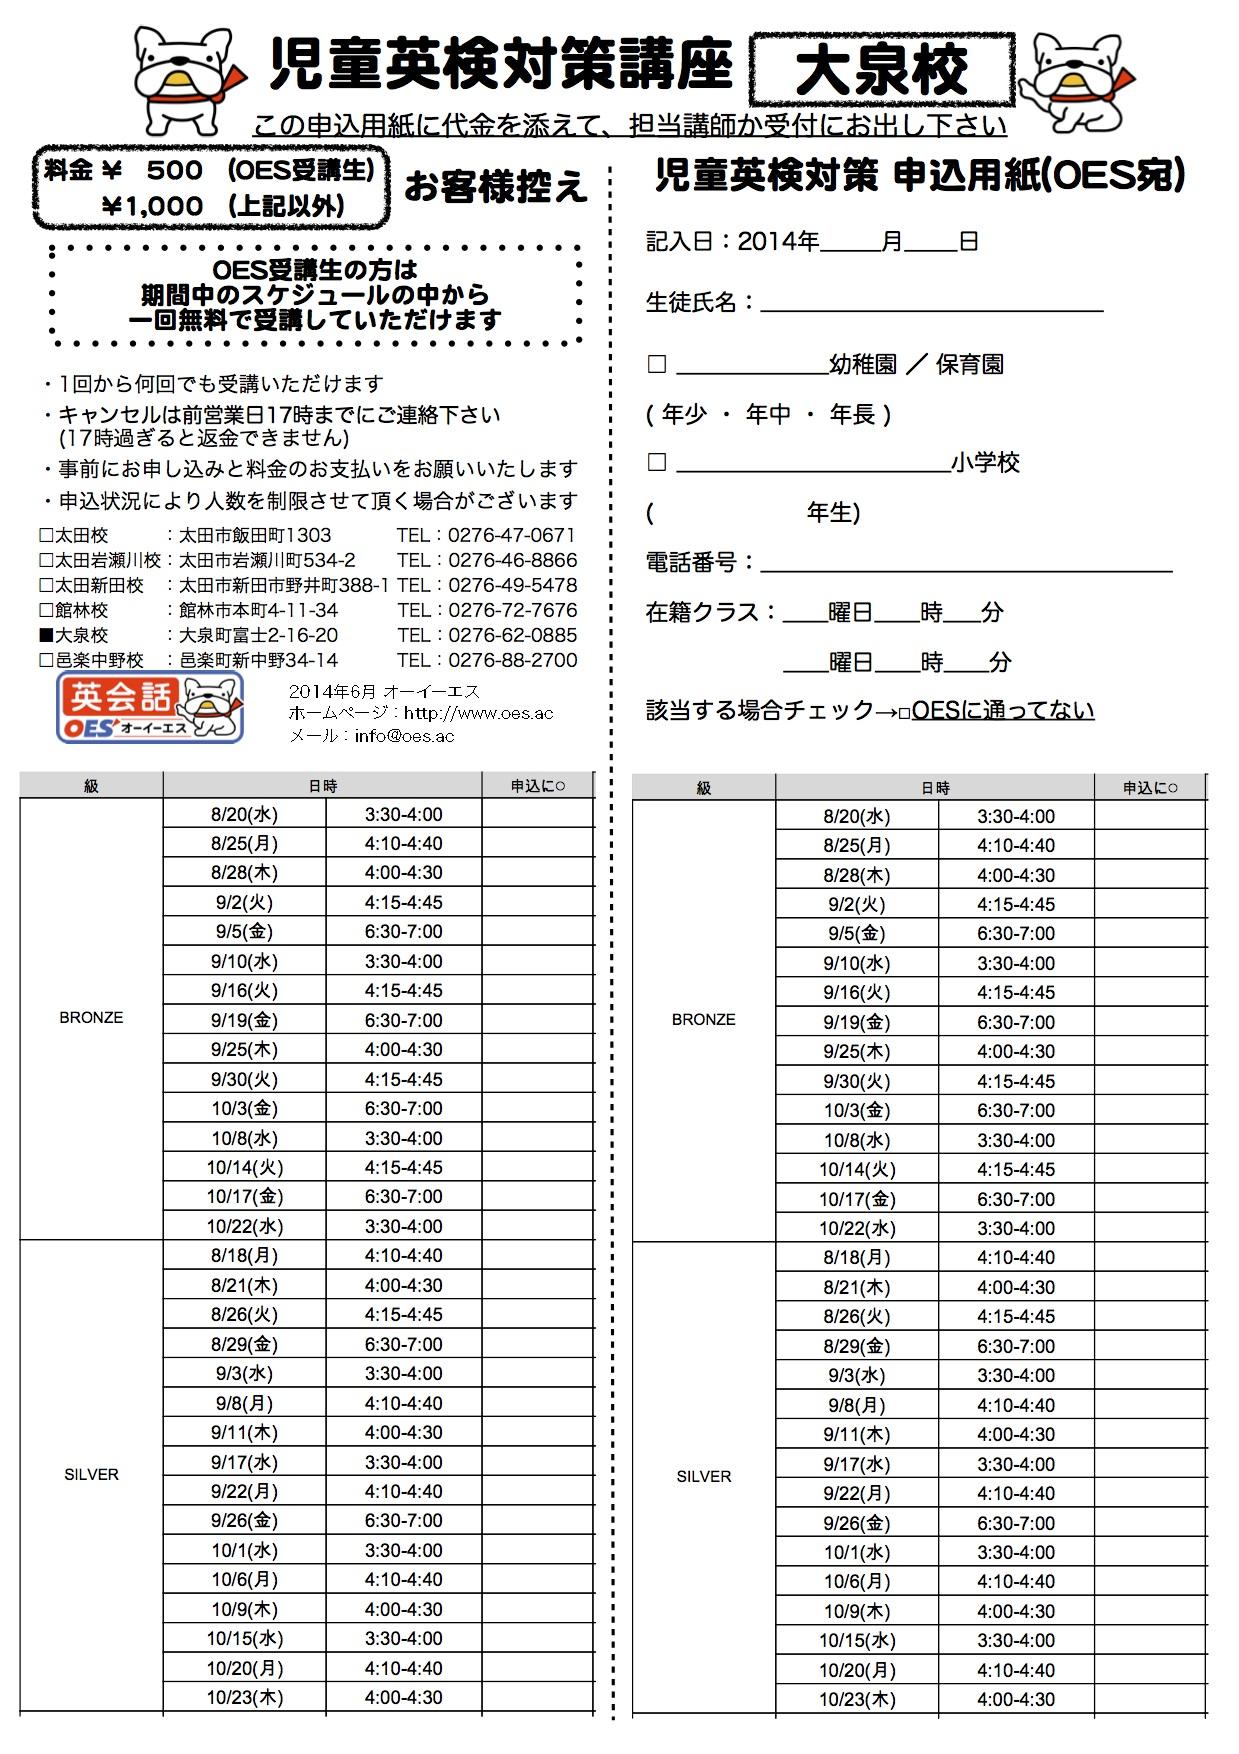 申込用紙(BRONZE-SILVER) 2014-2 大泉校